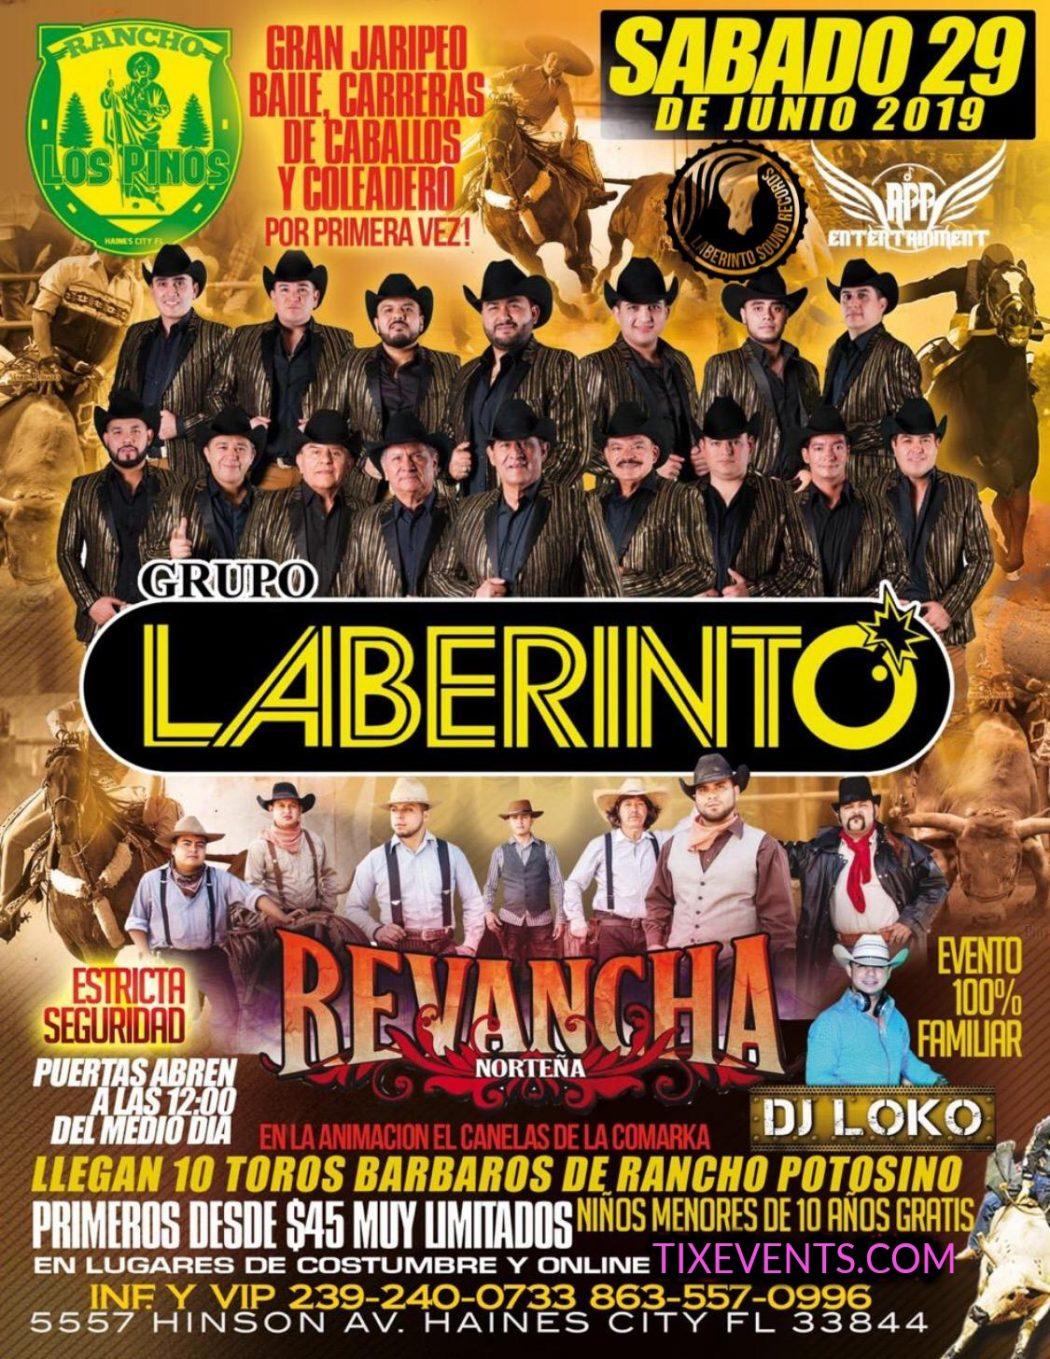 Rancho Los Pinos – Grupo Laberinto – Revancha Norteña